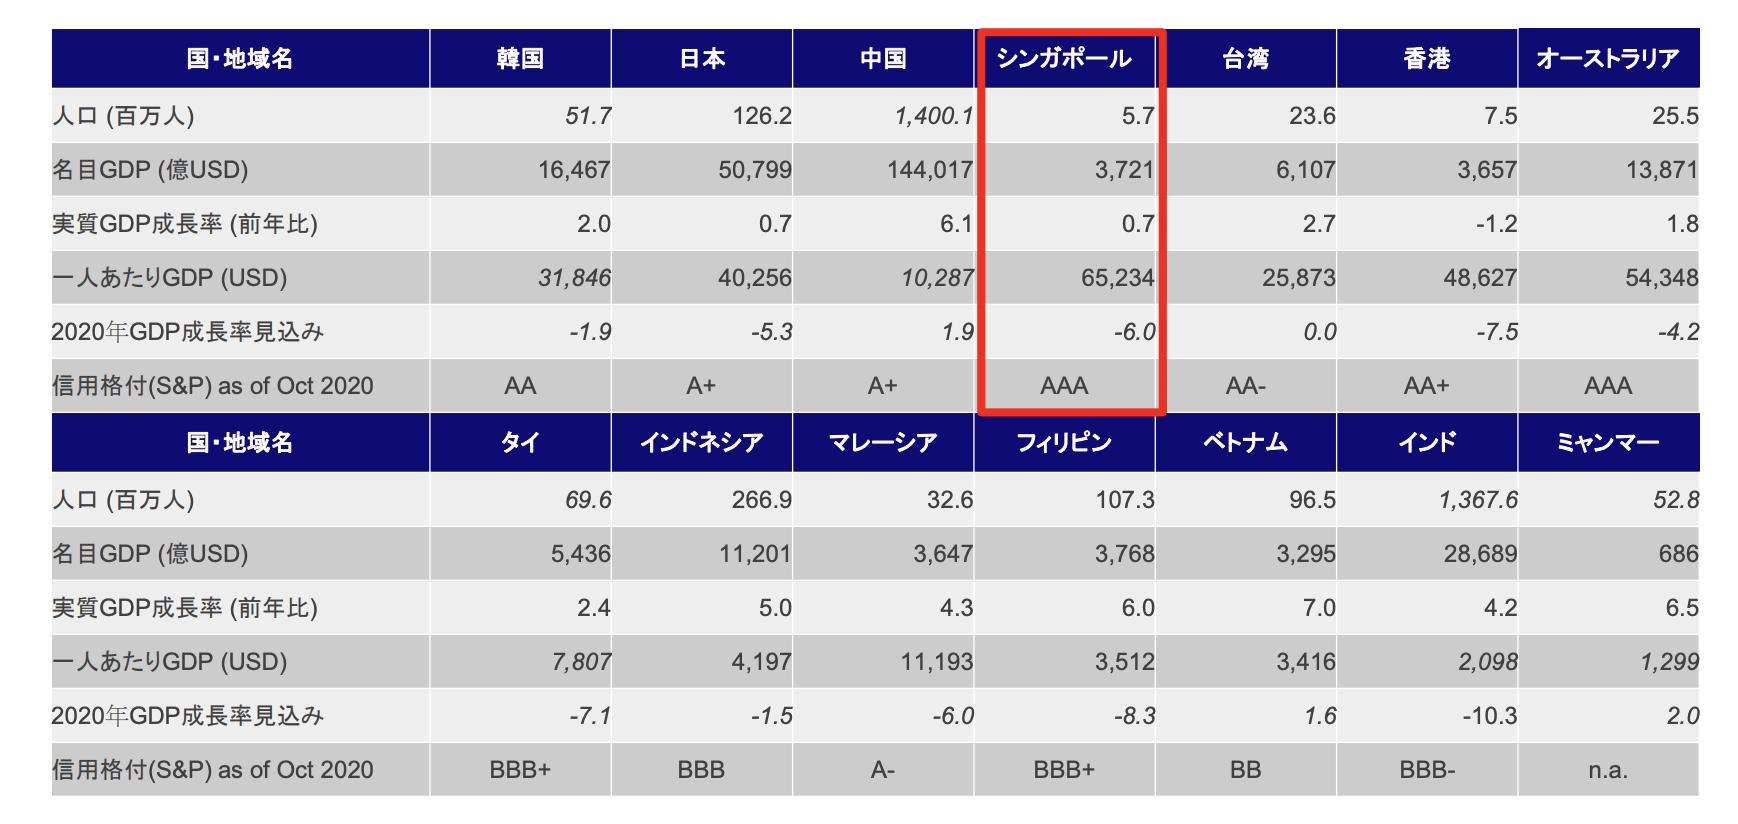 【Ⅰ – 1】アジア主要国経済指標